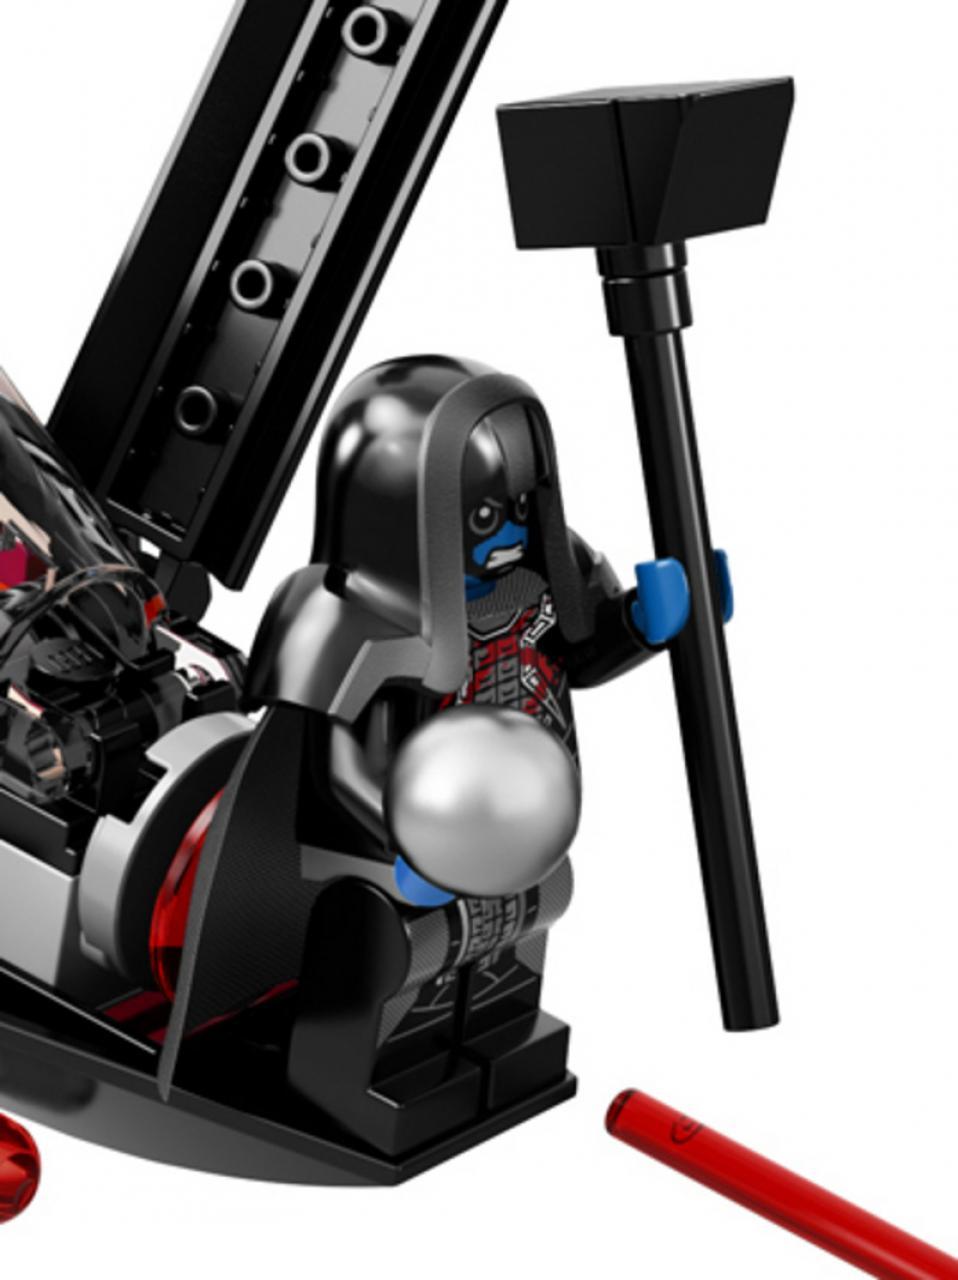 hr_Guardians_of_the_Galaxy_LEGOs_4.jpg